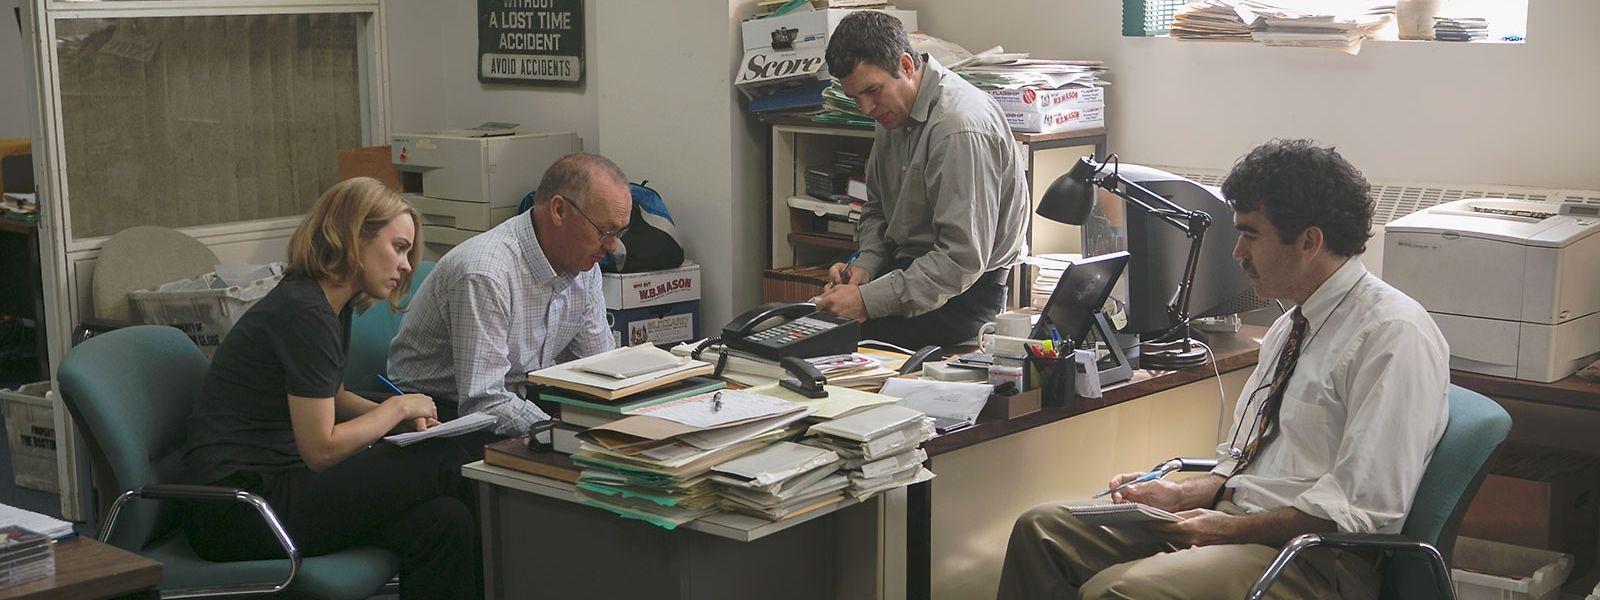 """Der Film begleitet akribisch nüchtern das Reporterteam von """"Spotlight"""" bei seinen aufreibenden Recherchen."""